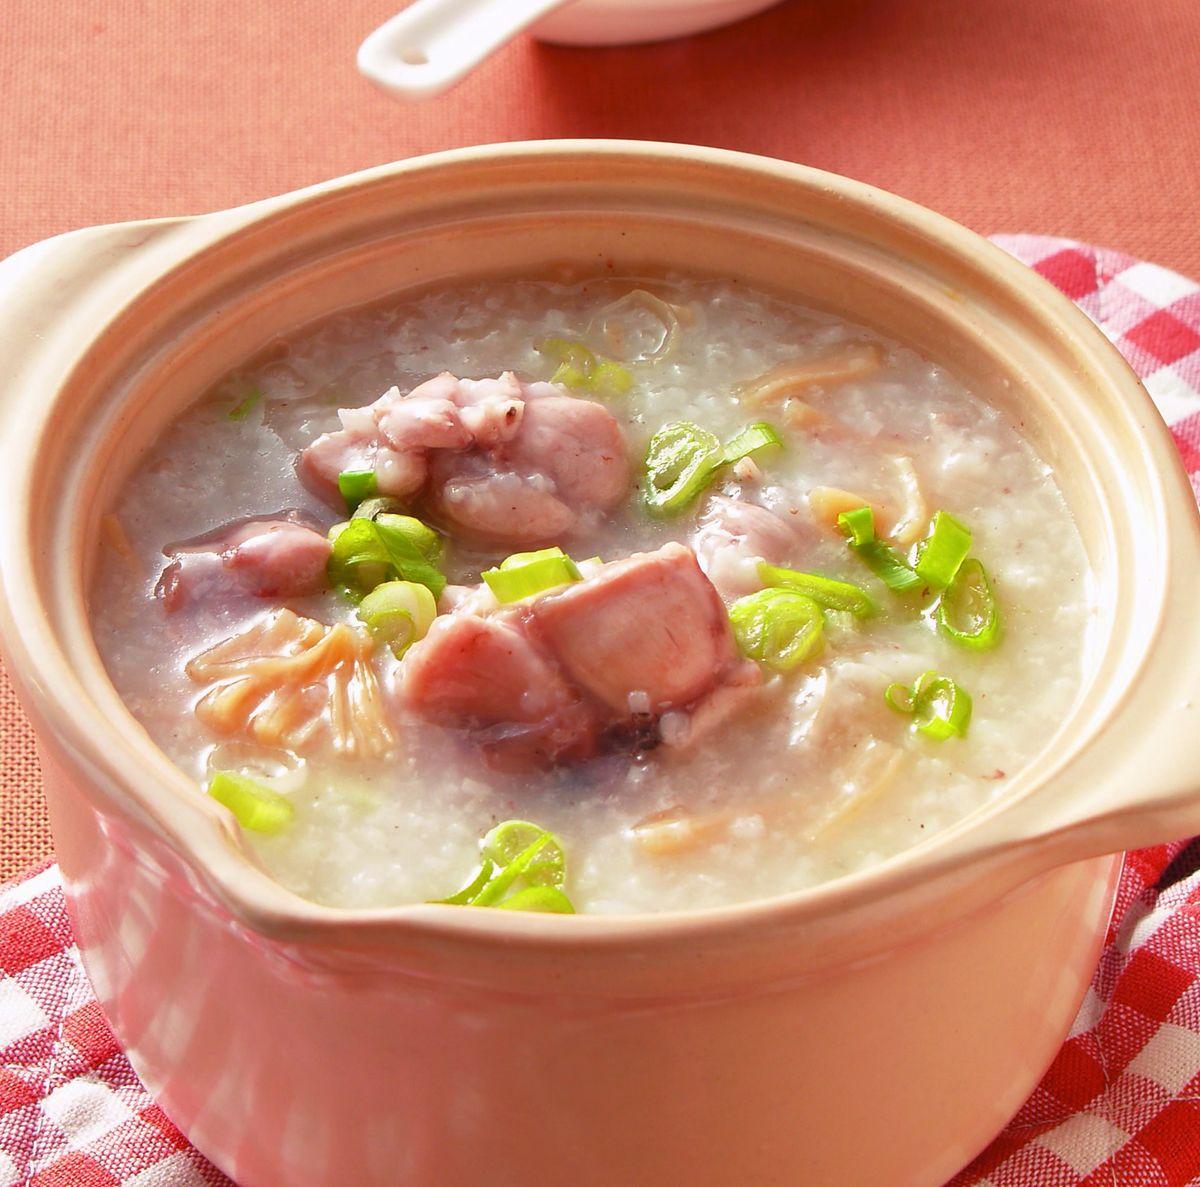 食譜:干貝田雞砂鍋粥